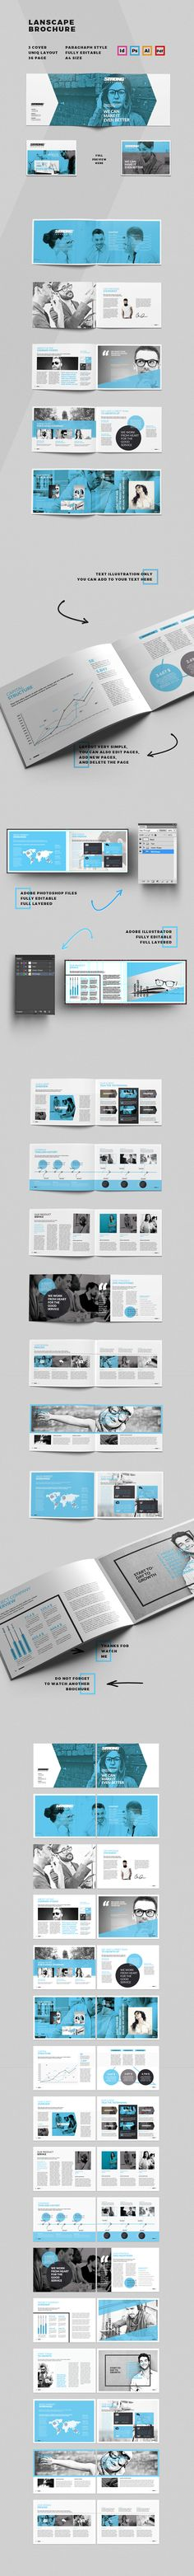 """Popatrz na ten projekt w @Behance: """"Lanscape Brochure Template"""" https://www.behance.net/gallery/42123973/Lanscape-Brochure-Template"""